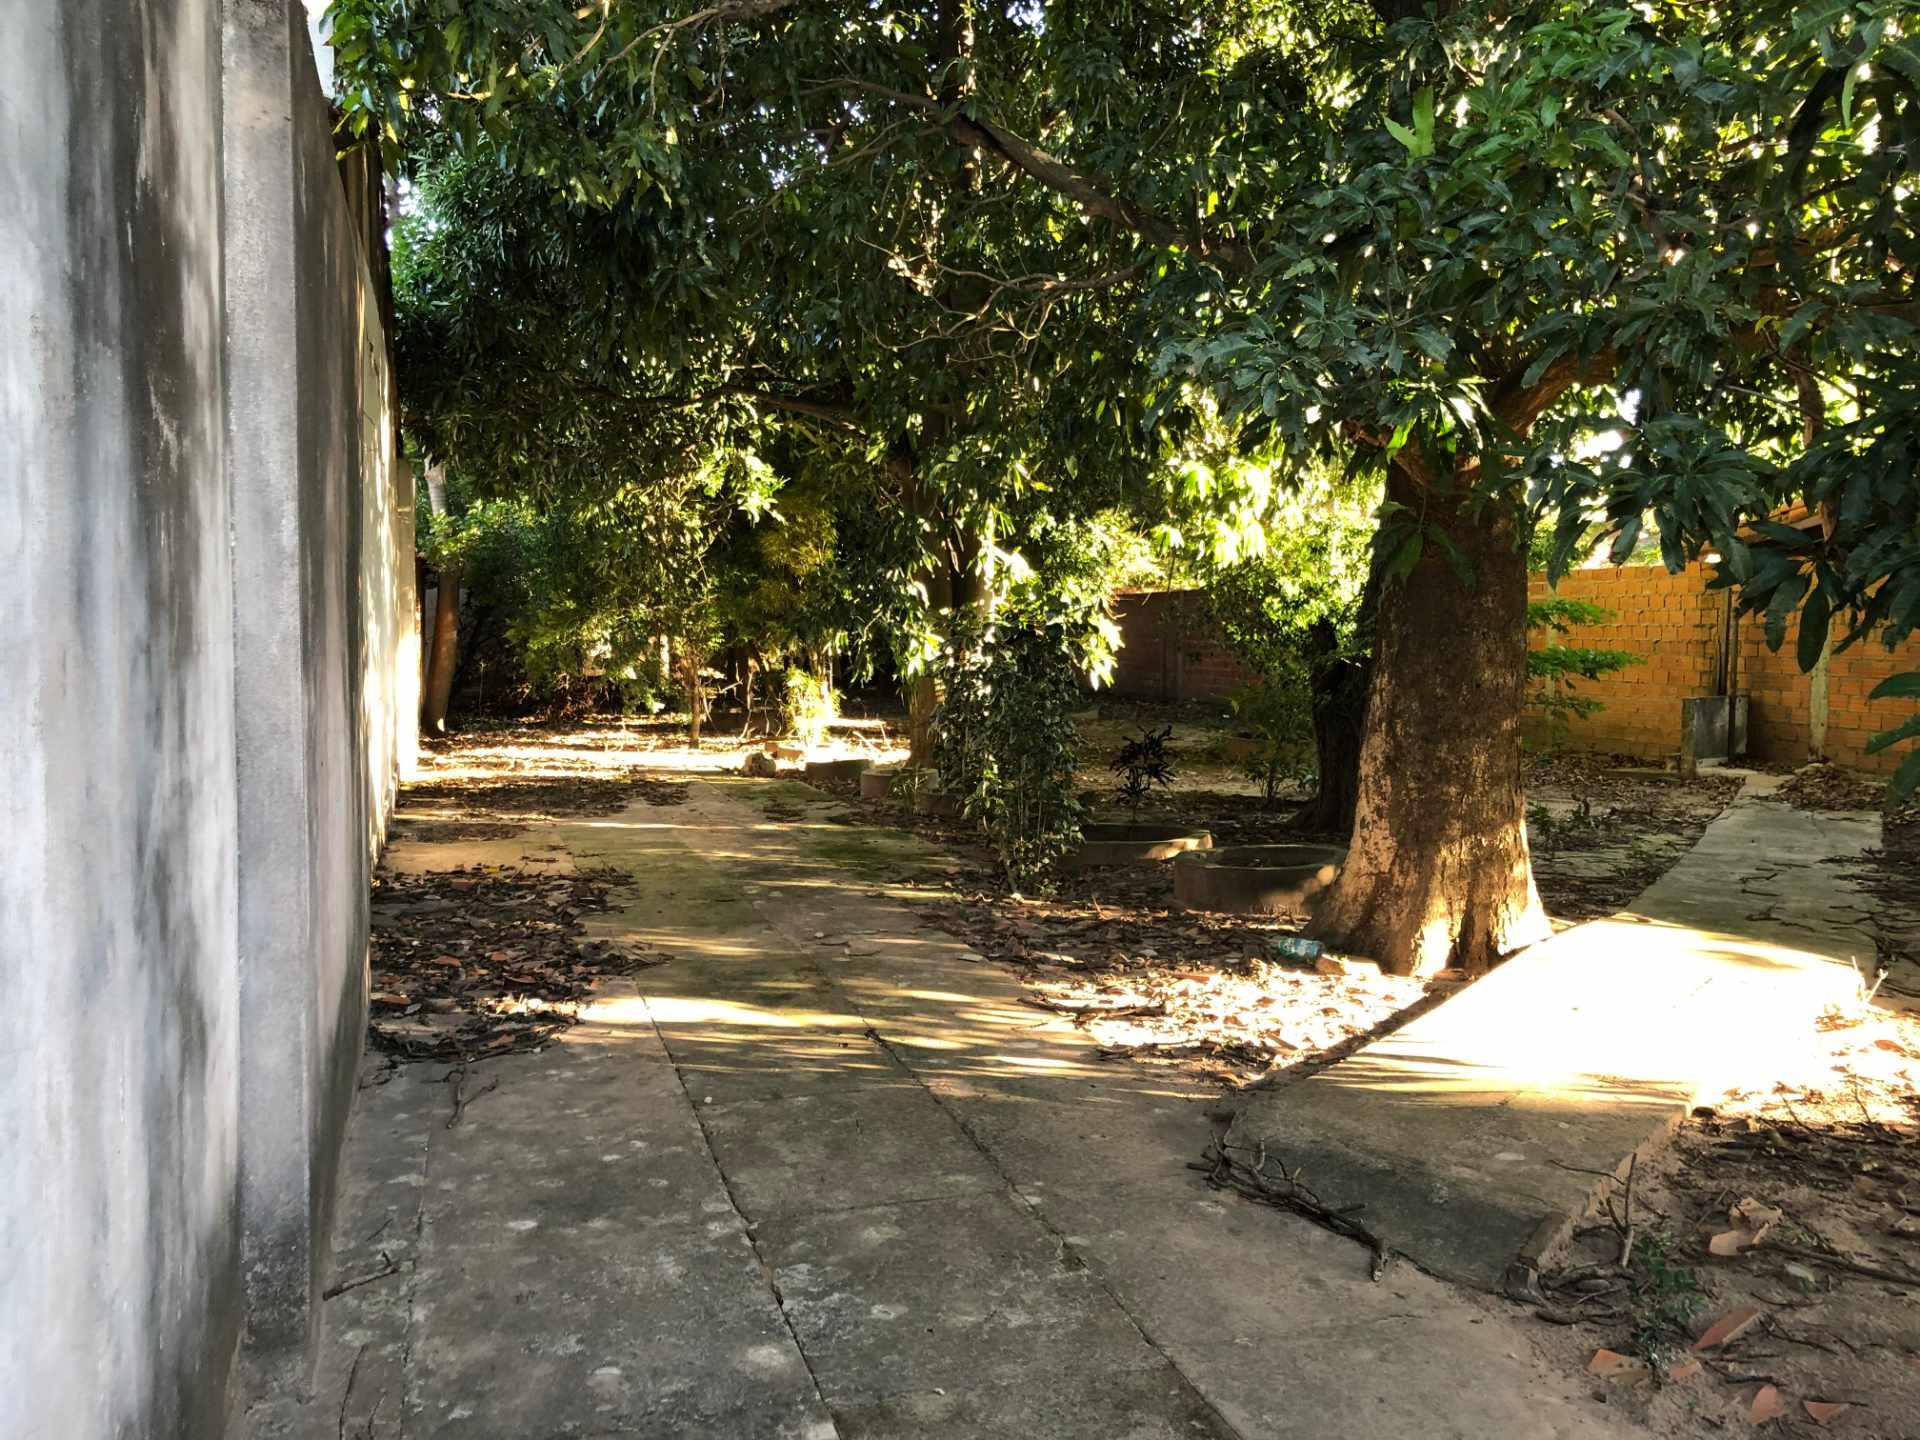 Terreno en Venta Calle El Fuerte s/n, zona barrio Los Choferes (al lado del Hostal Jodanga) Foto 4